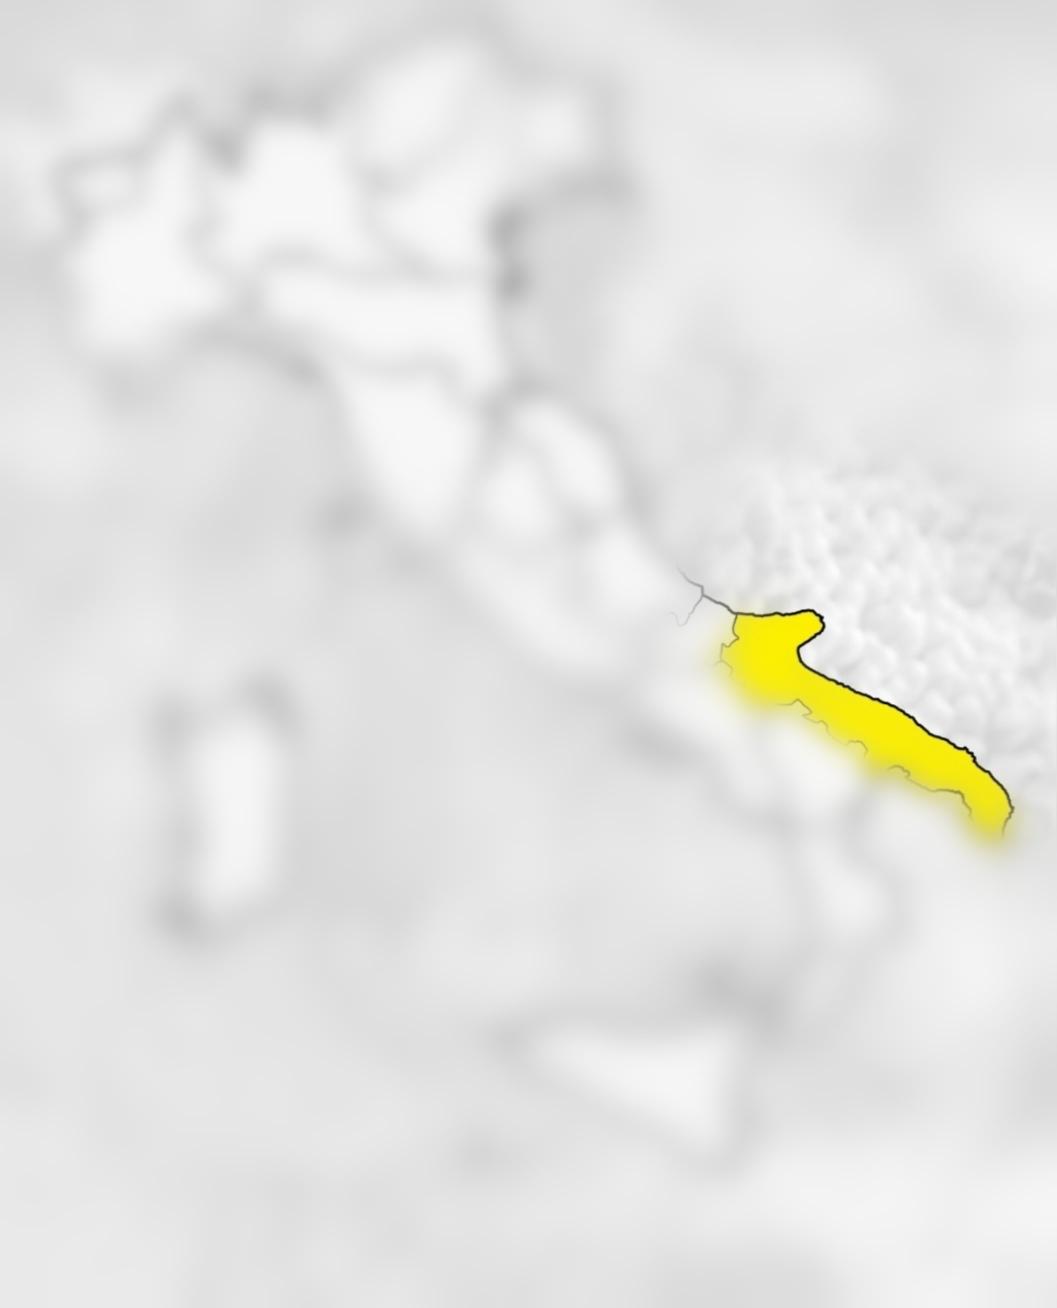 Puglia zona gialla da domani, cosa si potrà fare Dopo mesi fra area rossa e zona arancione